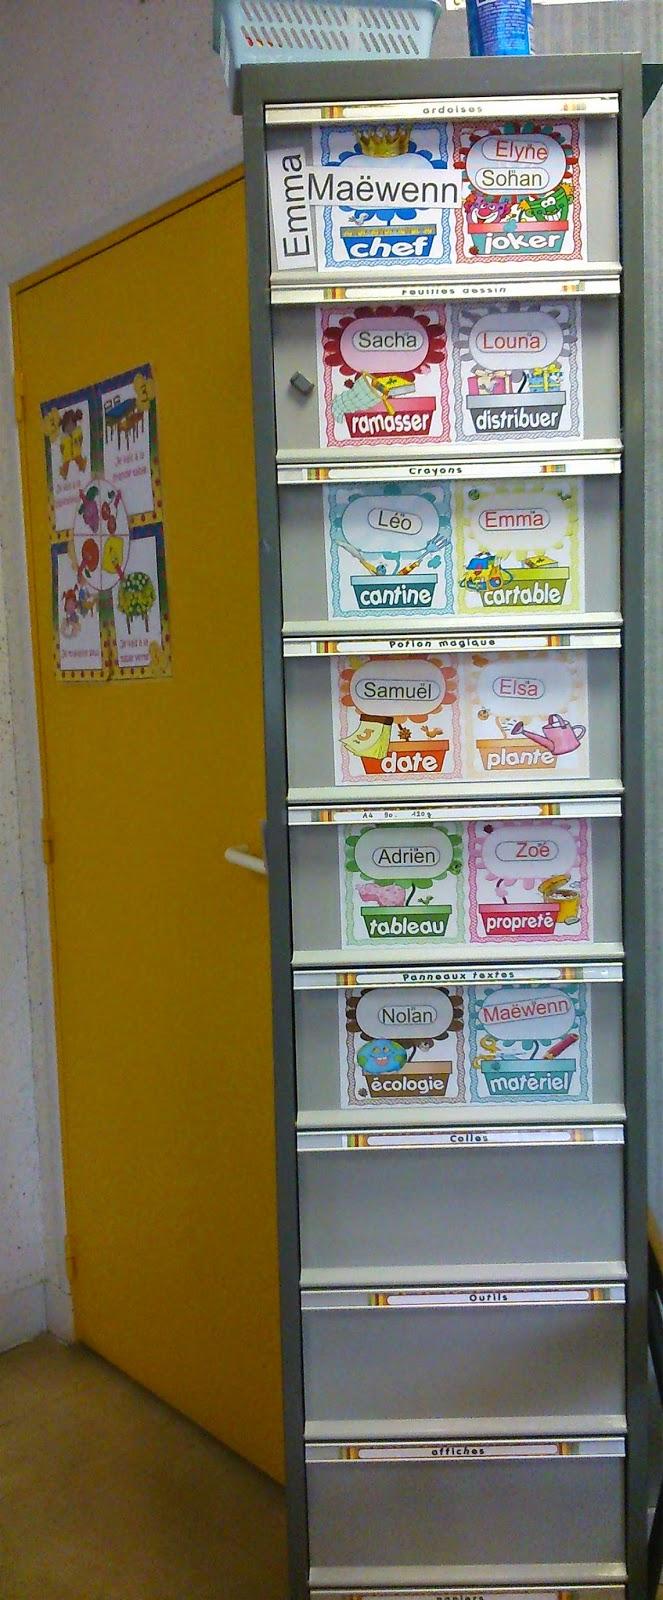 panneaux des métiers des élèves